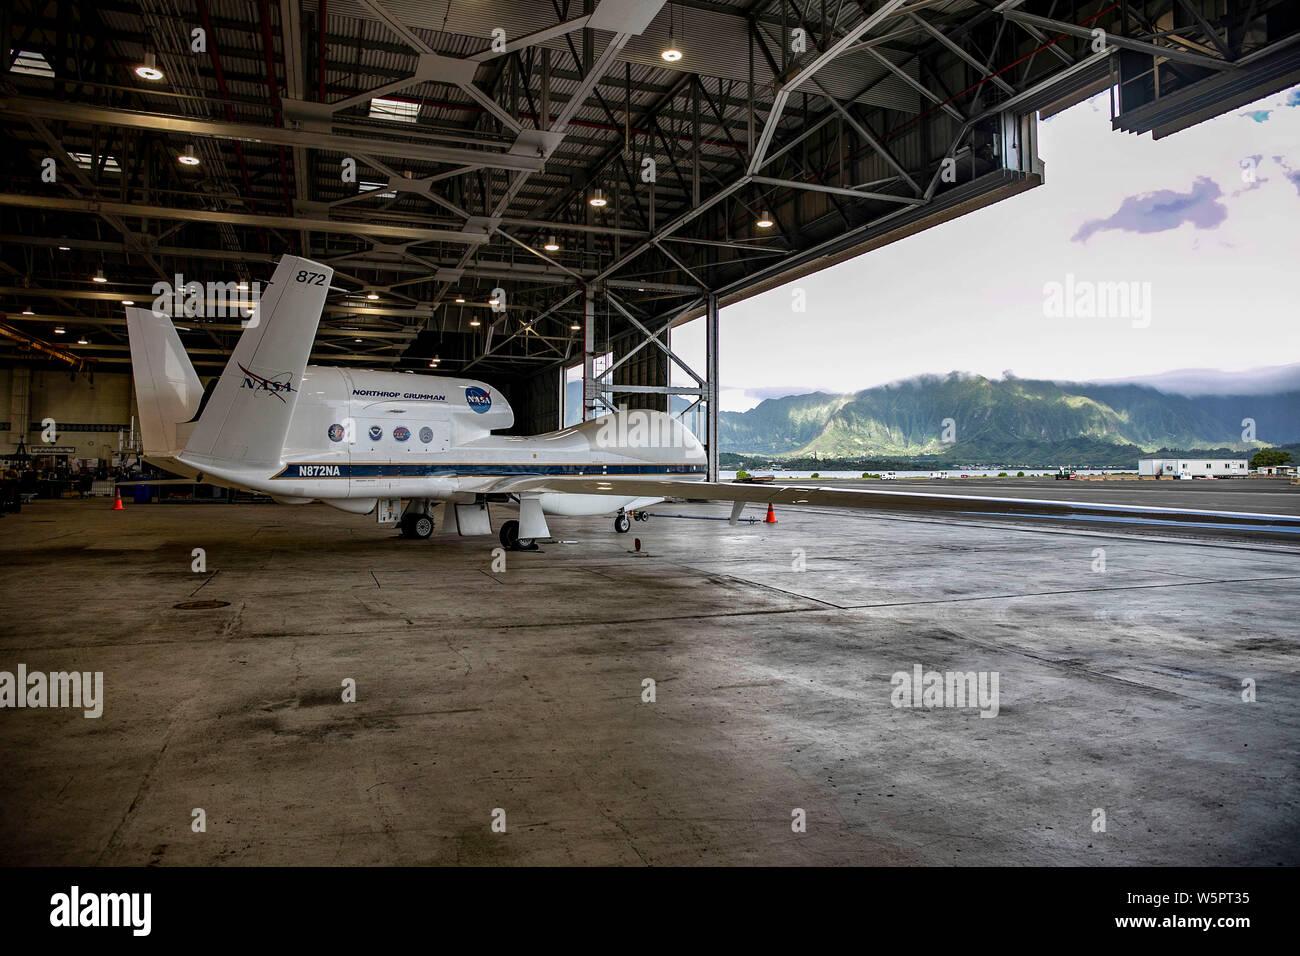 Nasa Flight Operations Stock Photos & Nasa Flight Operations